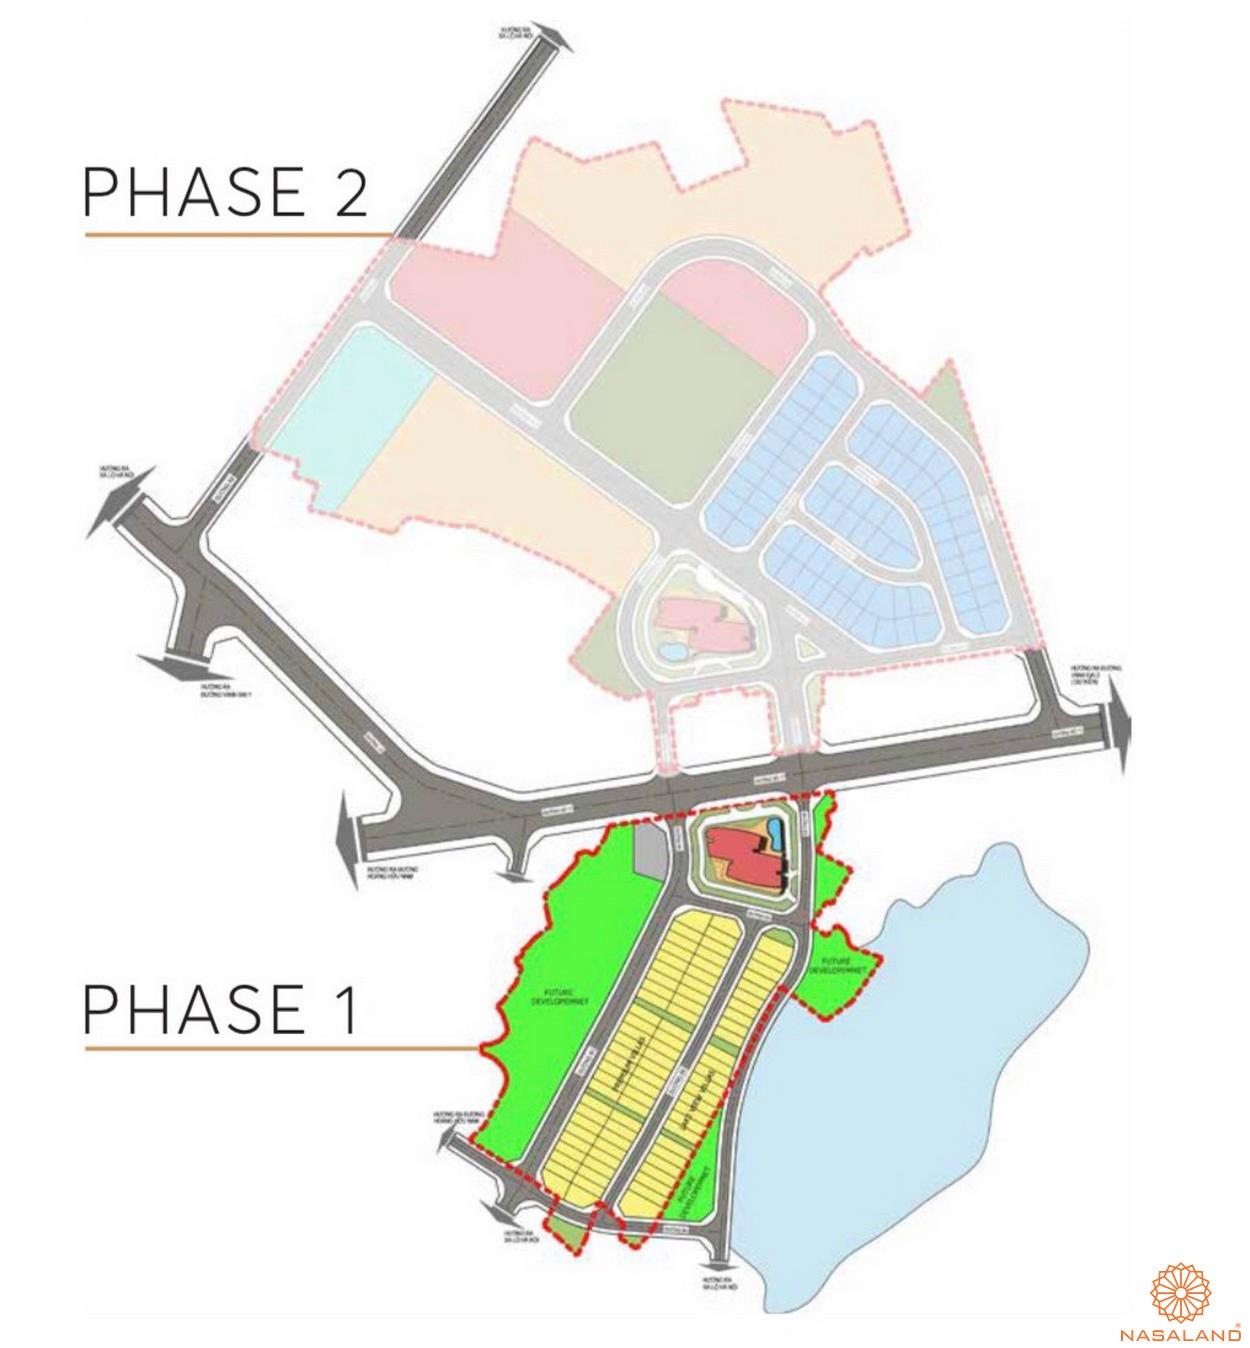 Mặt bằng dự án căn hộ The 9 Stellars quận 9 - Tổng thể